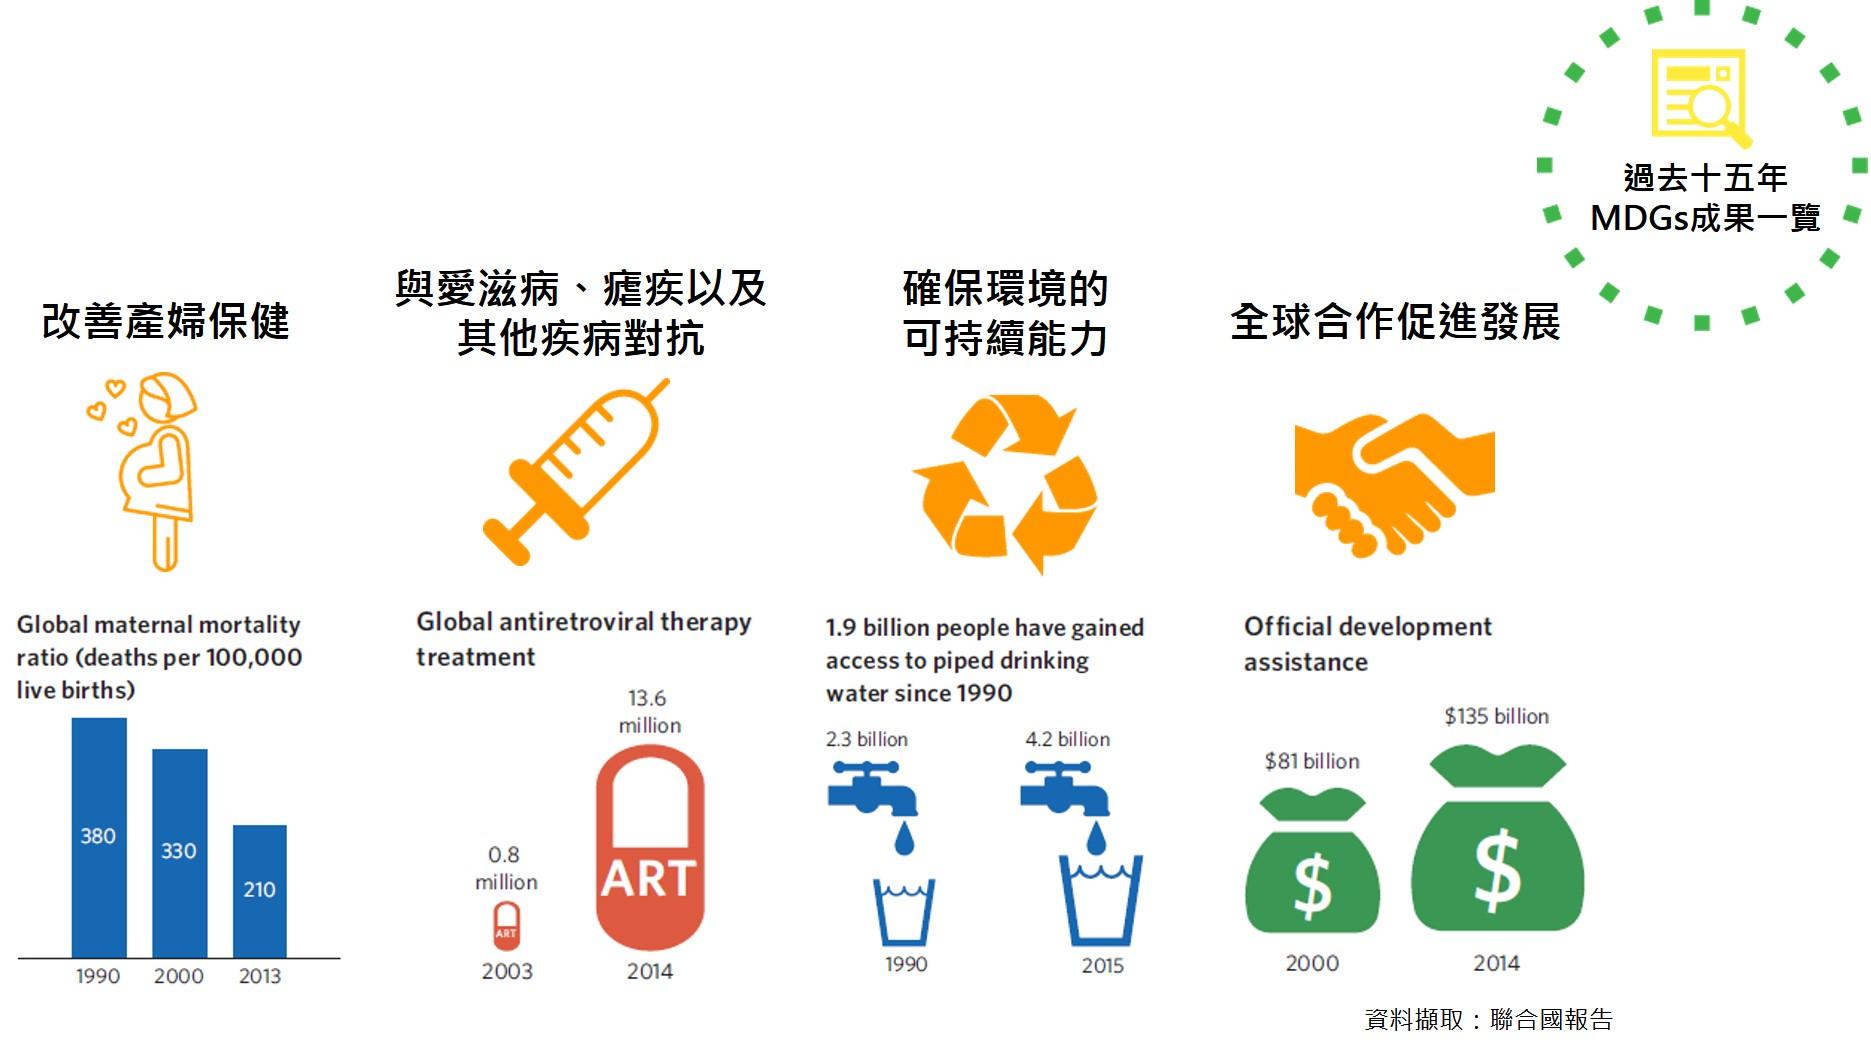 17項永續發展目標(SDGs)-MDGs成果一覽-CSRone2